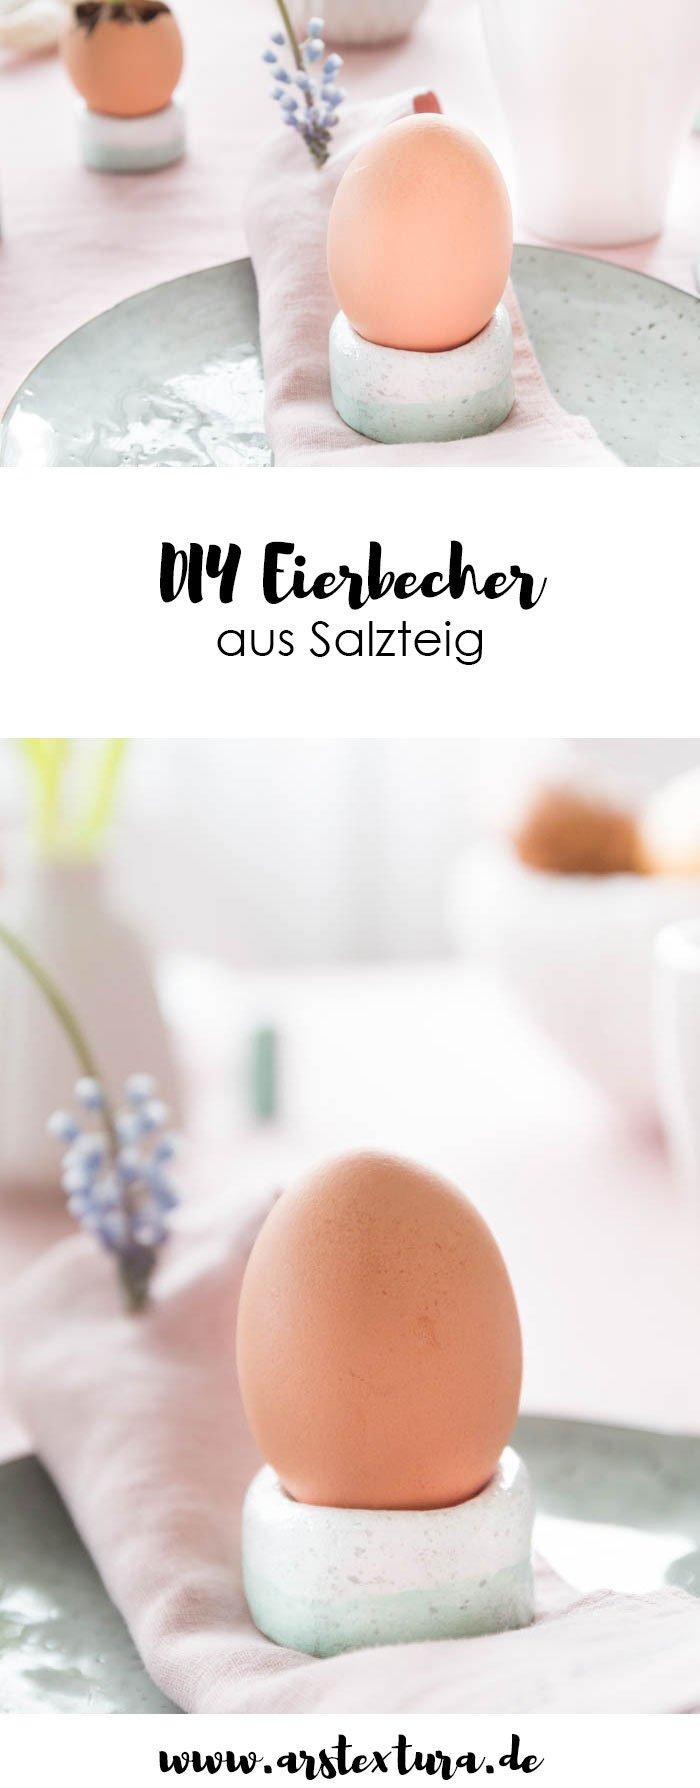 DIY Geschirr: Eierbecher aus Salzteig selber machen und die perfekte Tischdeko für Ostern | Geschirr im Keramik Look | Fax Ceramic | Töpfern und Geschirr selber machen | Rezept Salzteig | ars textura - DIY Blog